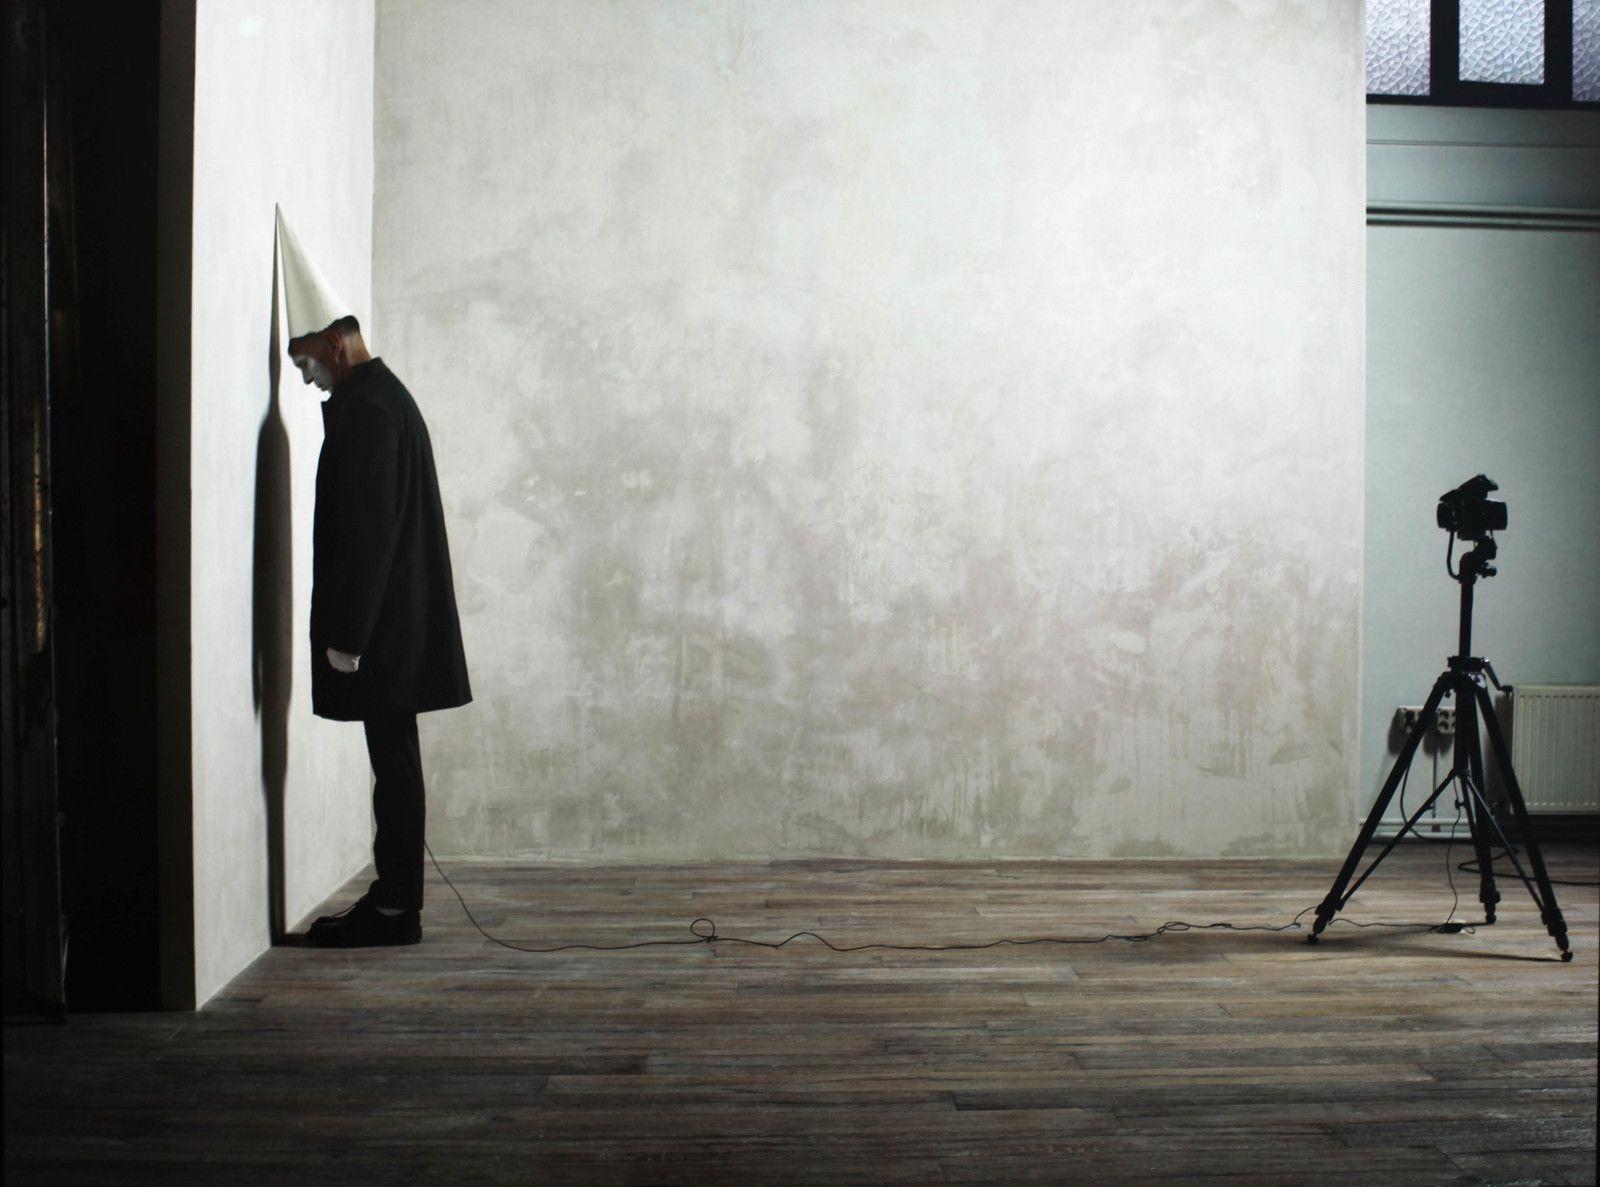 """From the series April Fool """"11.15 am"""", 2020 de Erwin OLAF - Courtesy de l'artiste et la galerie Galerie Rabouan Moussion © Photo Éric Simon"""